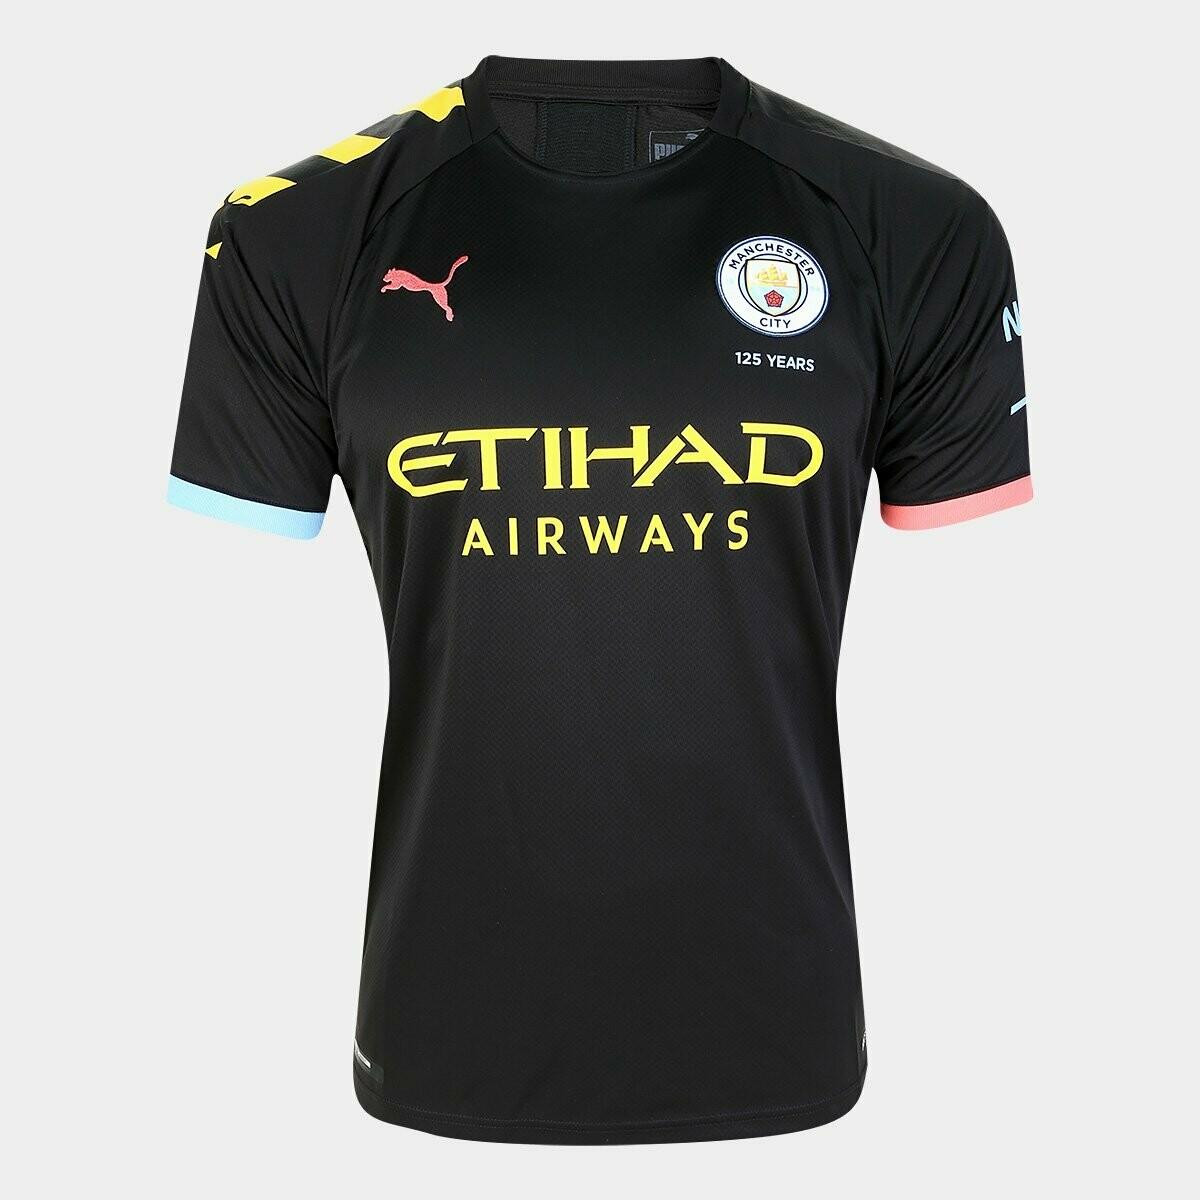 Camisa Manchester City Away 19/20  Puma - Preto e Laranja